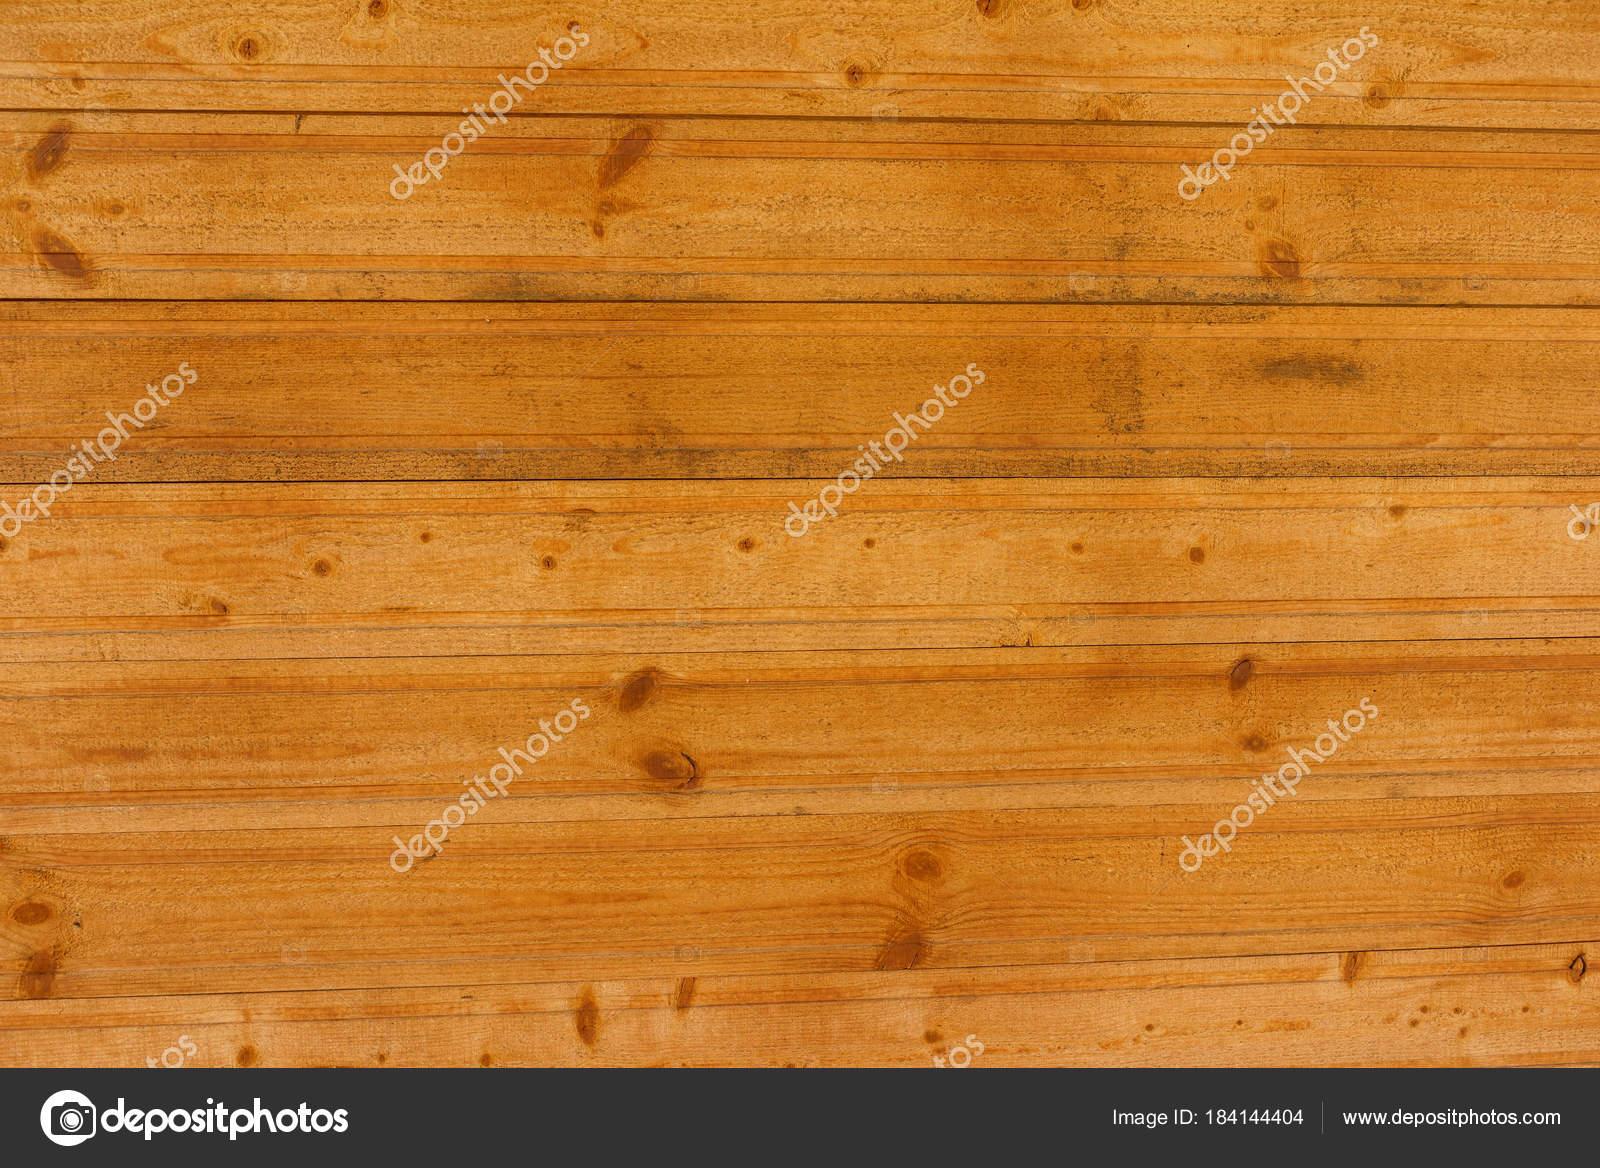 Legno Naturale Chiaro : La superficie delle tavole di legno tavole struttura di legno